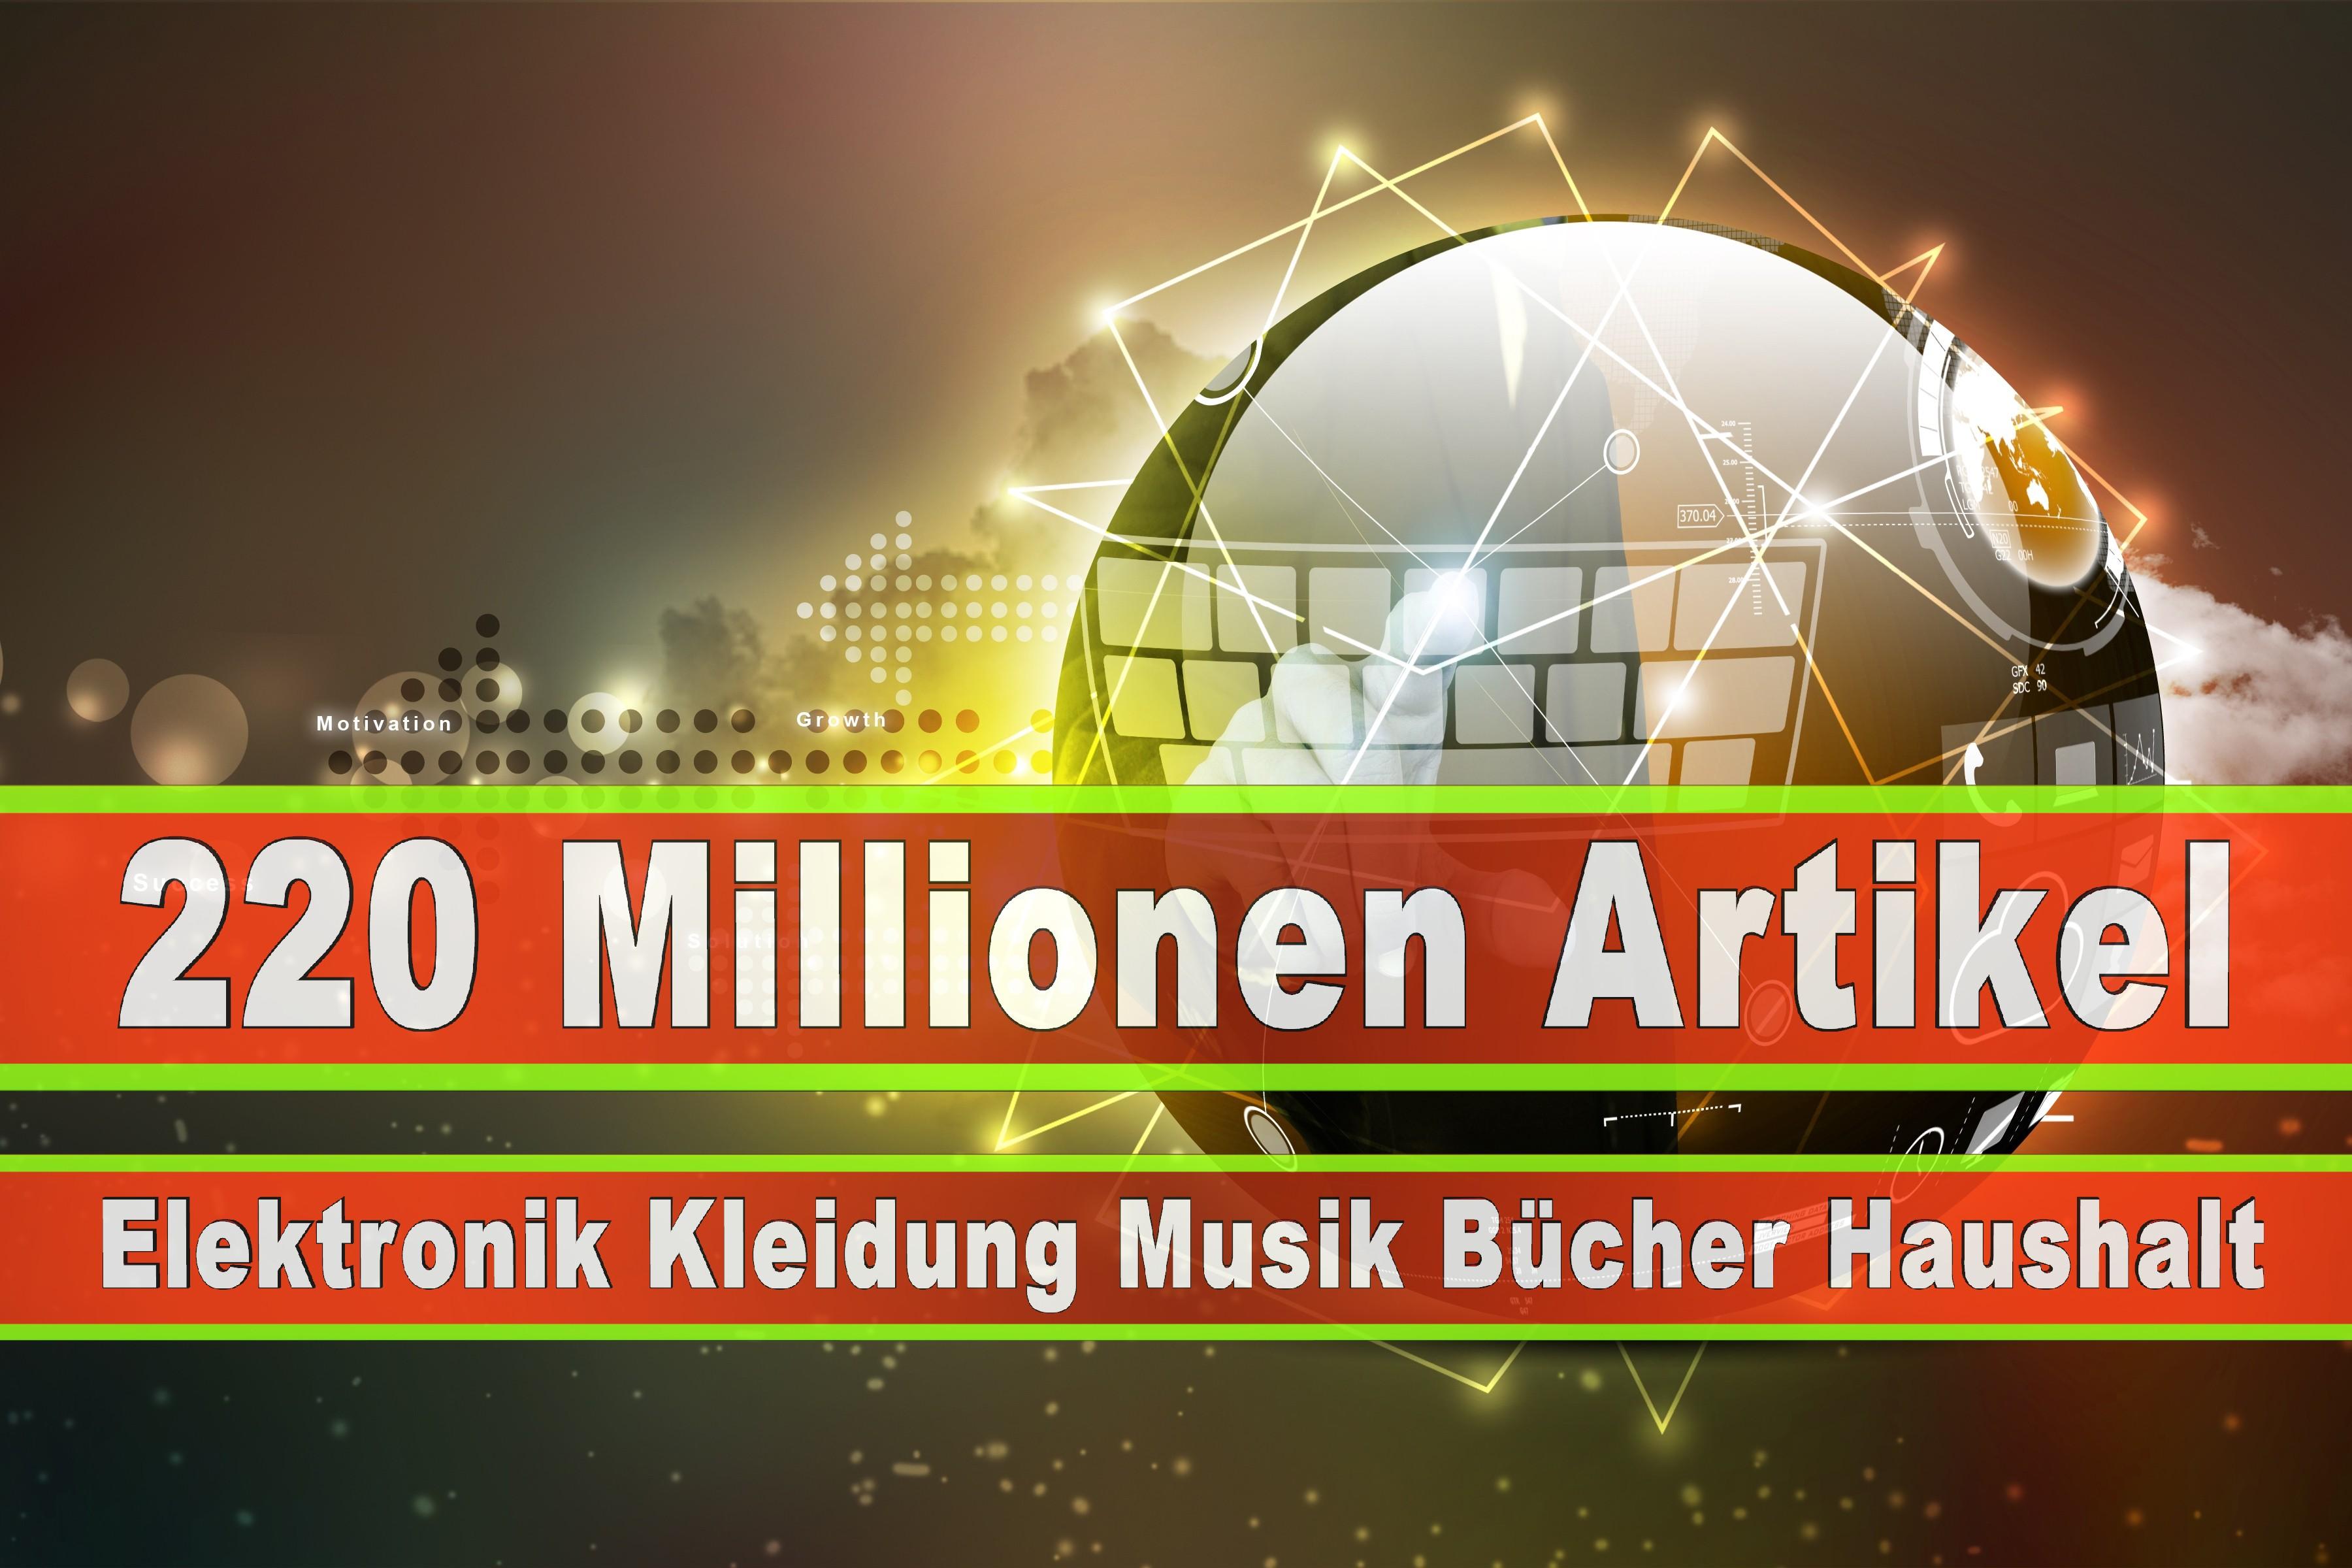 Amazon Elektronik Musik Haushalt Bücher CD DVD Handys Smartphones TV Television Fernseher Kleidung Mode Ebay Versandhaus (173)